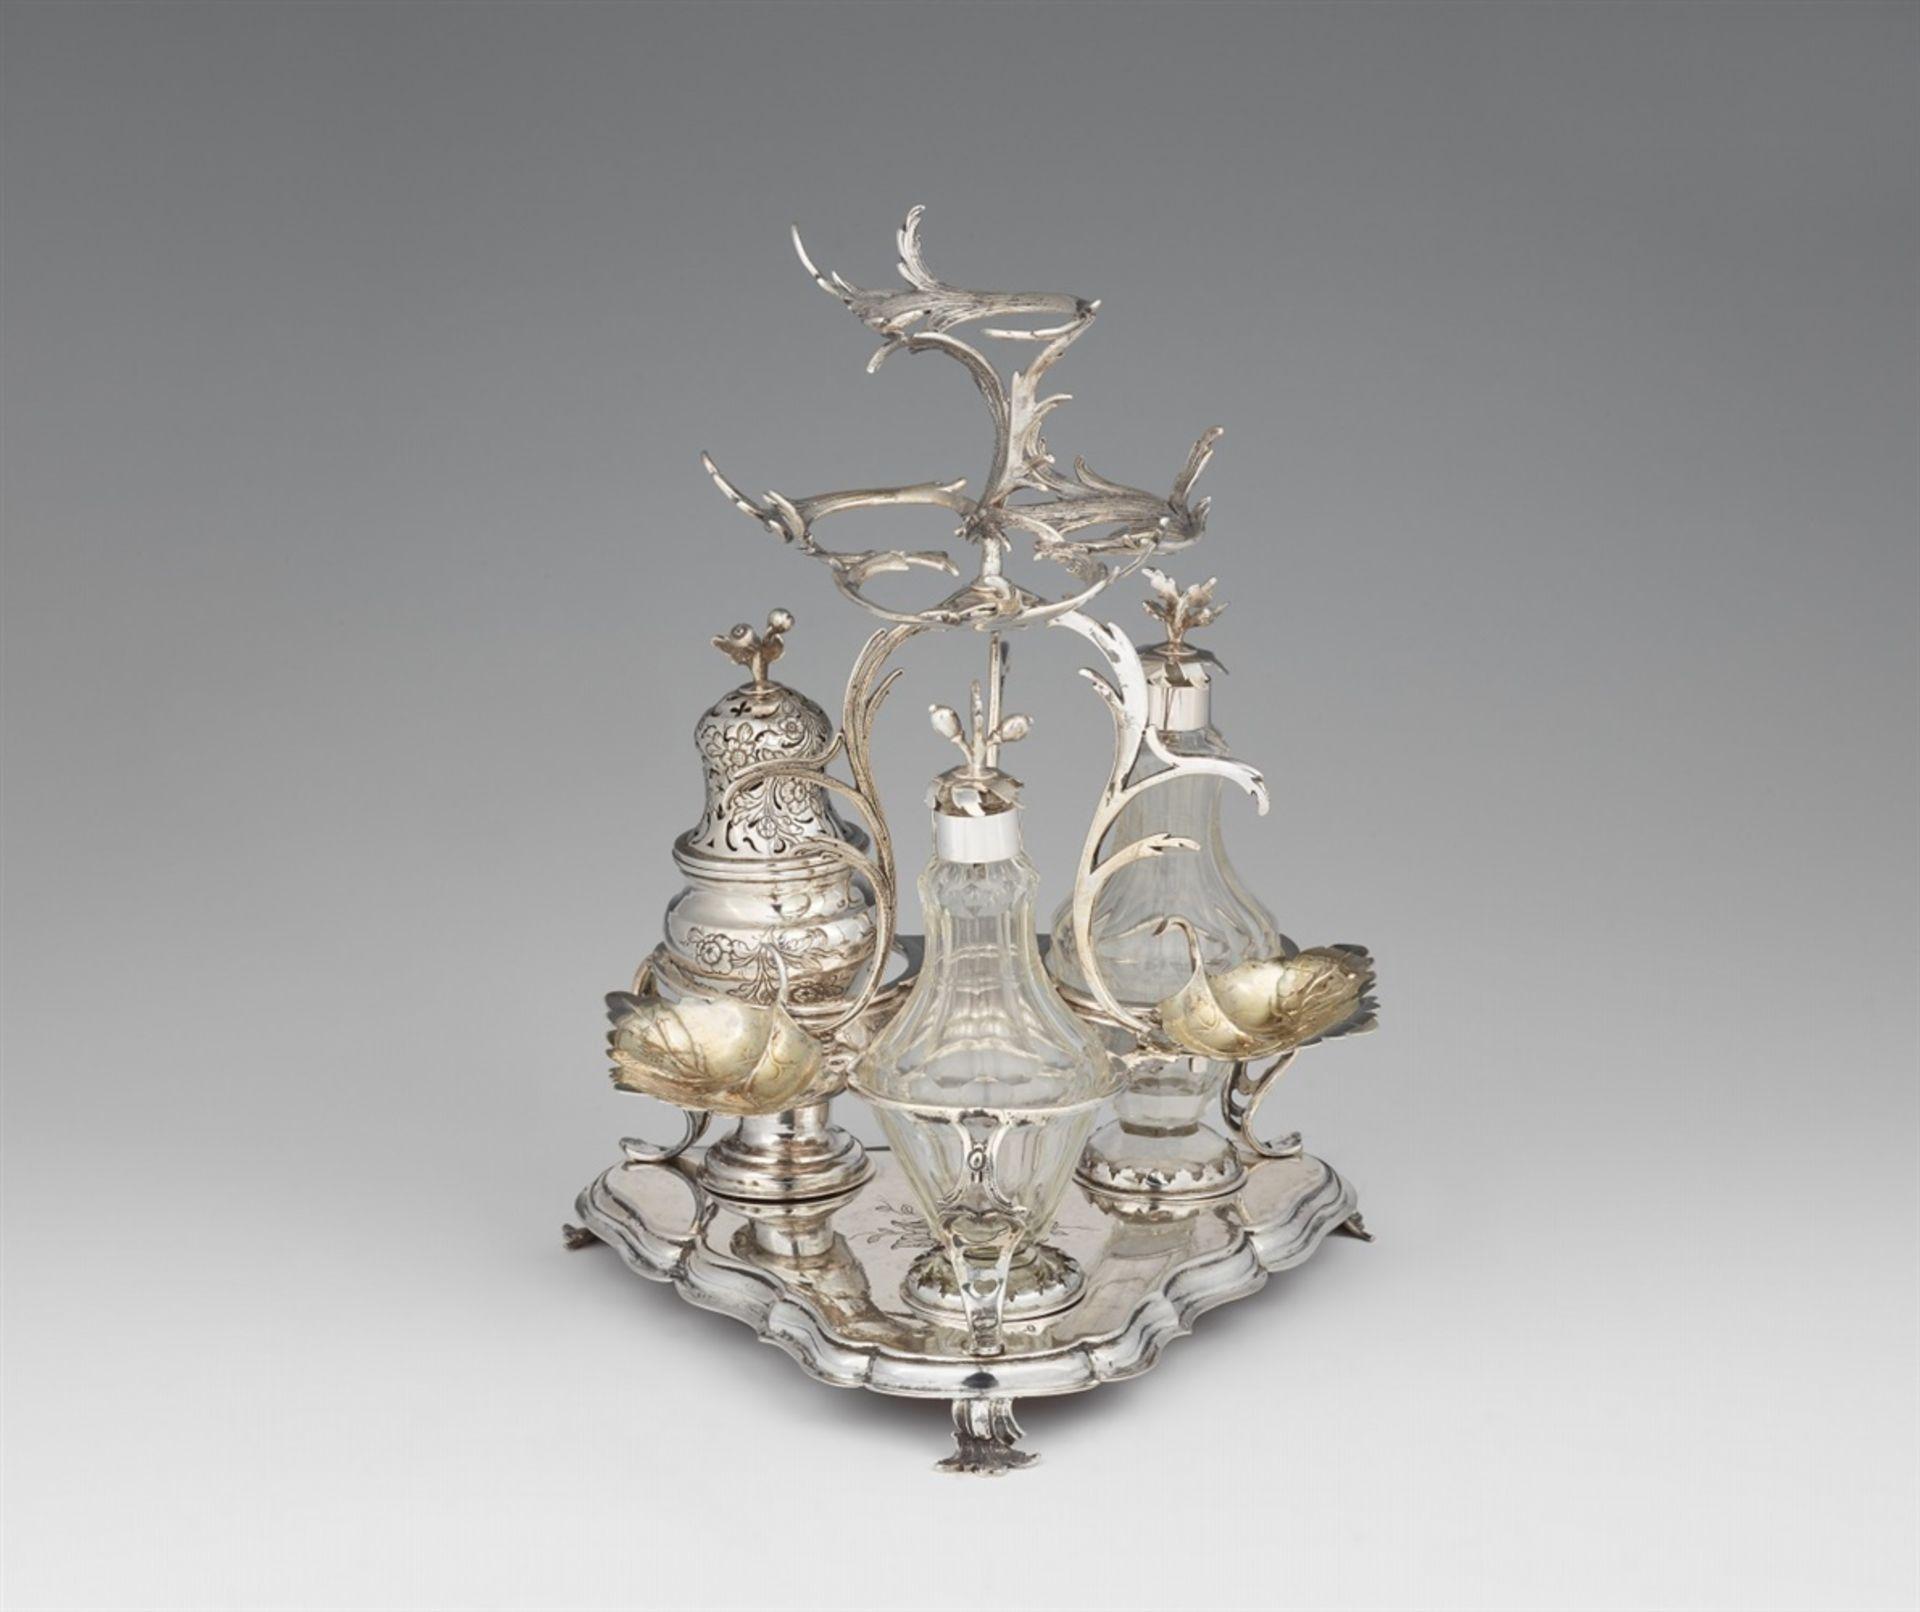 Los 734 - An Augsburg Rococo silver cruet setSilver; glass flacons. Silver cruet set with two silver mounted